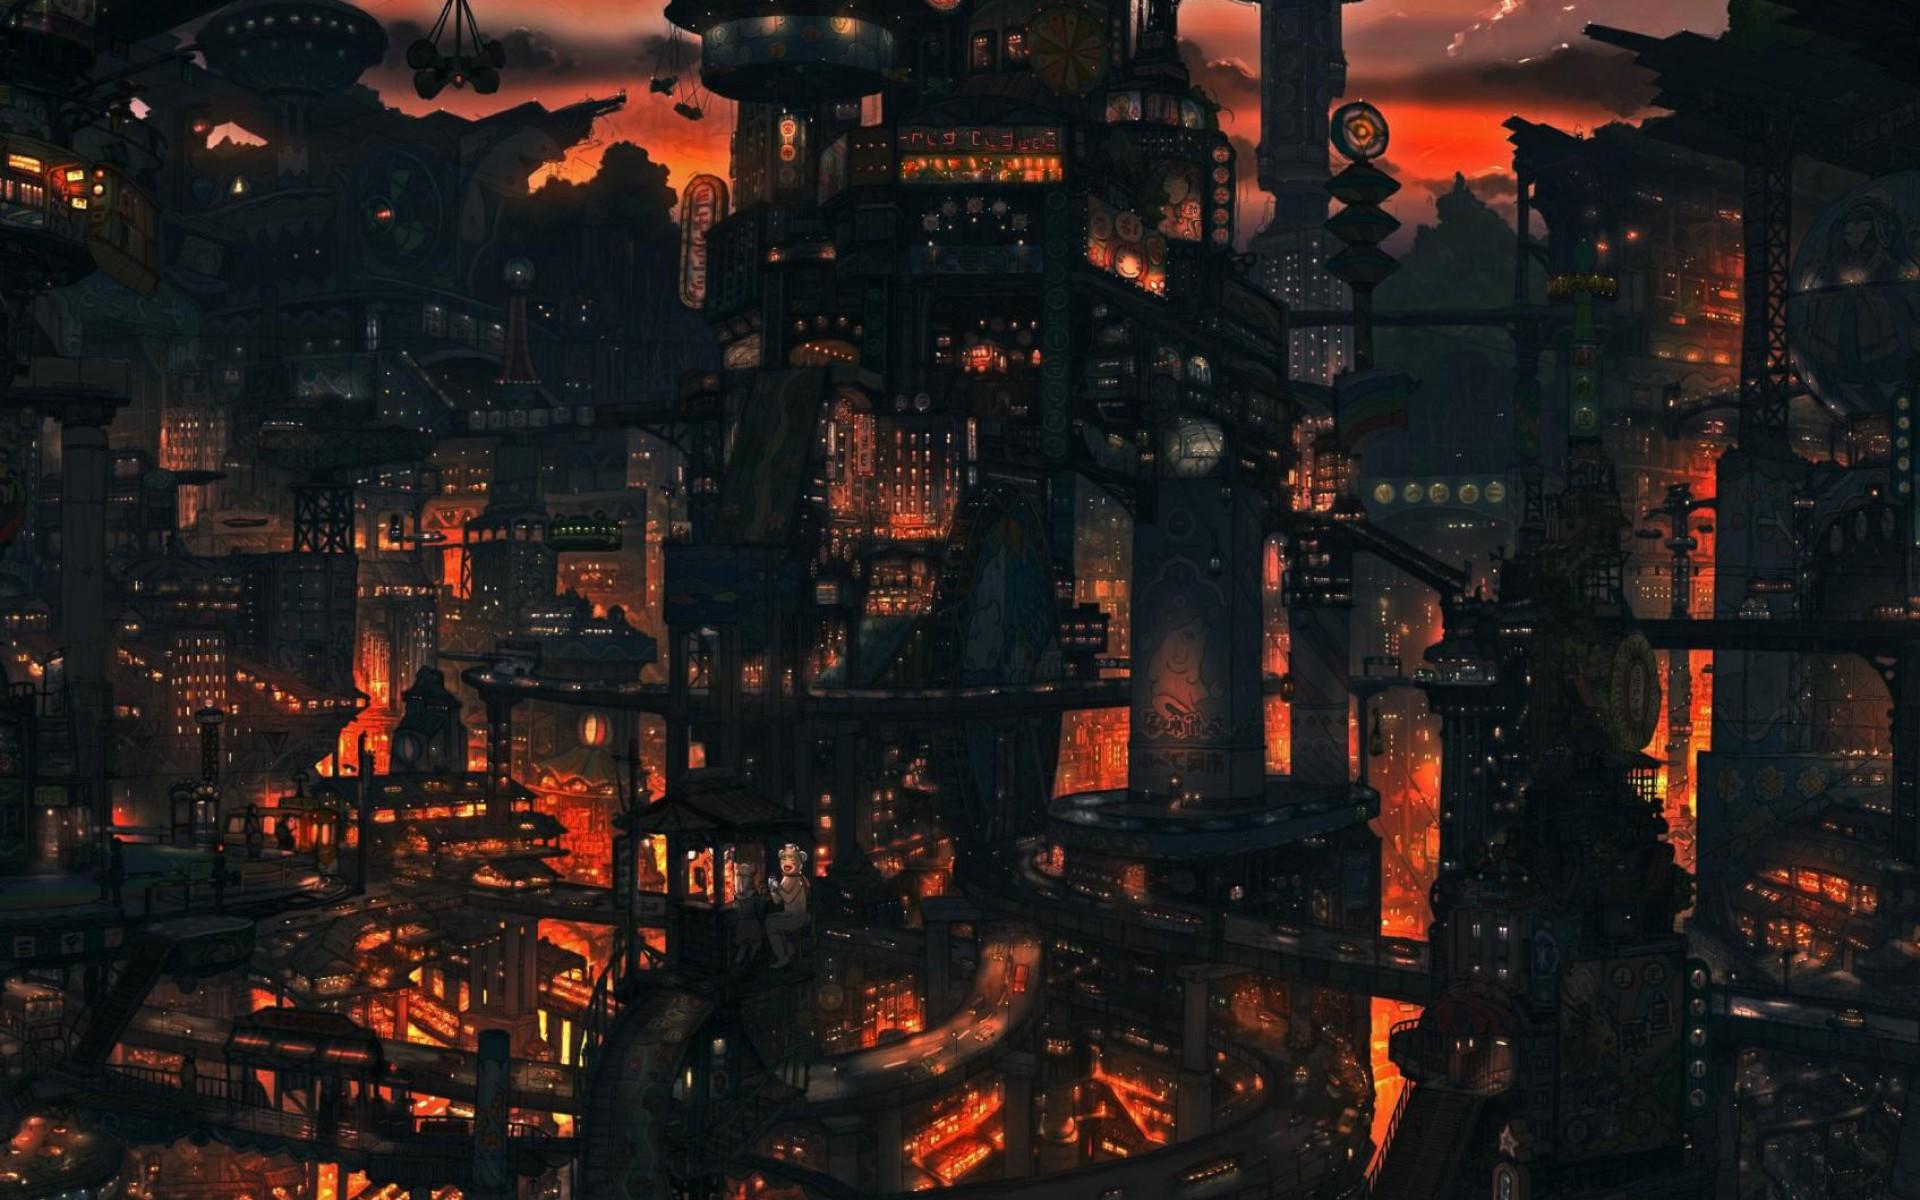 Rain Anime Wallpapers Scenery 1920x1200 Wallpaper Teahub Io